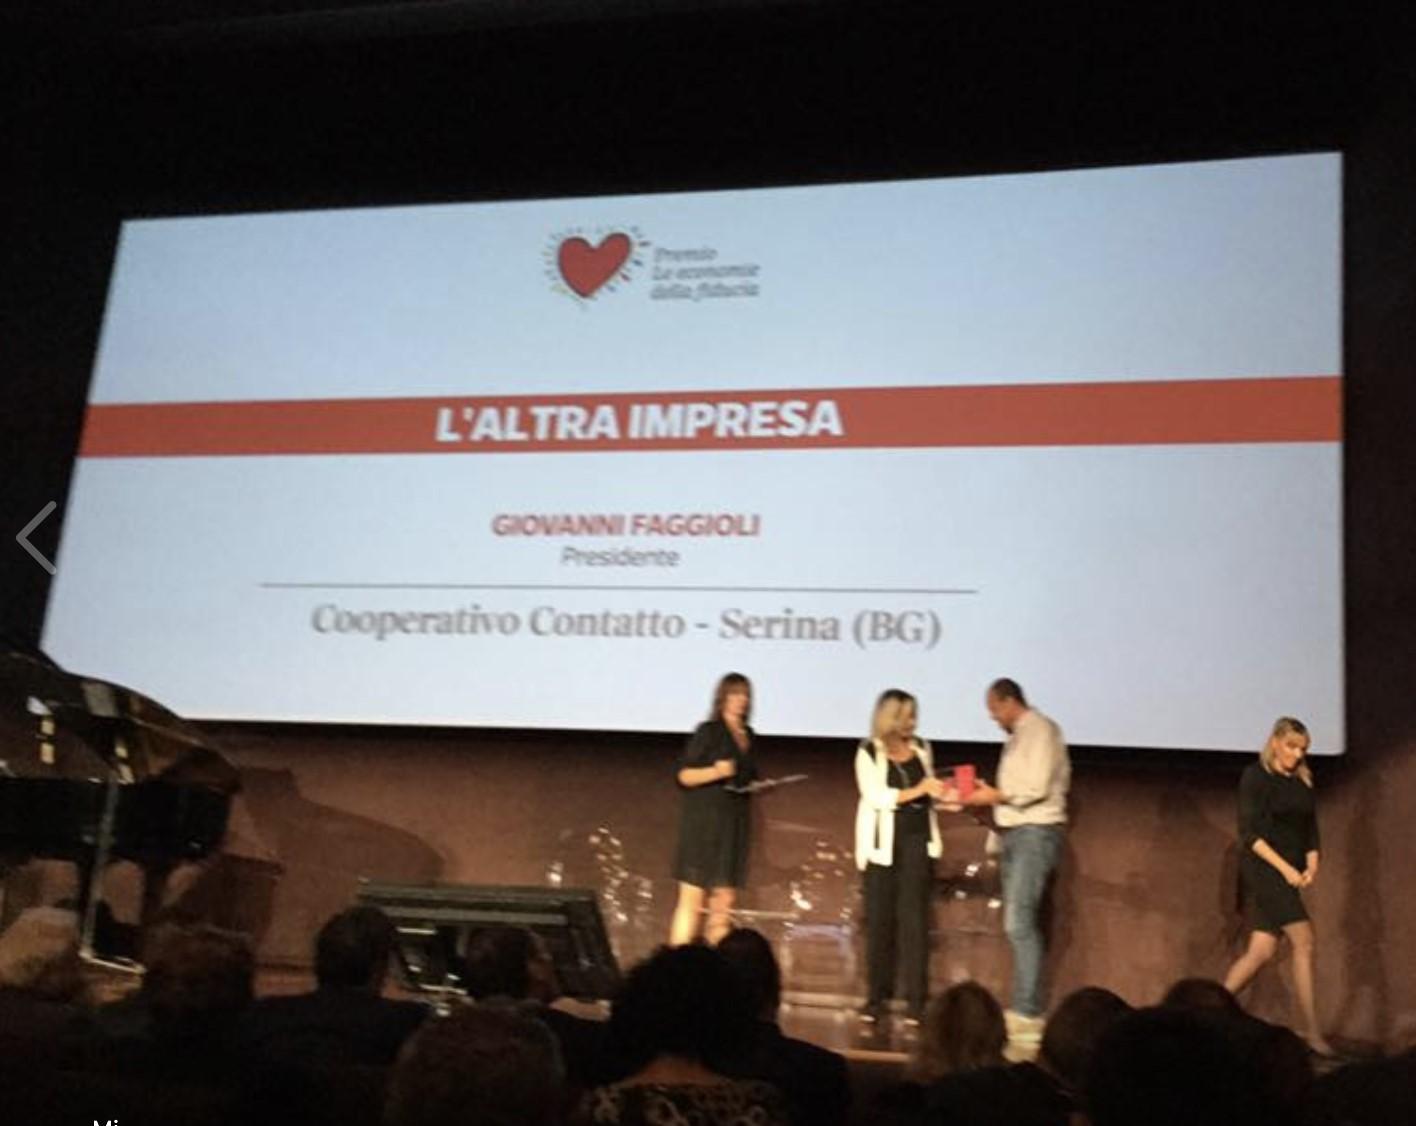 """Premio """"l'Altra impresa"""": la Cooperativa Contatto premiata dal Corriere della Sera"""